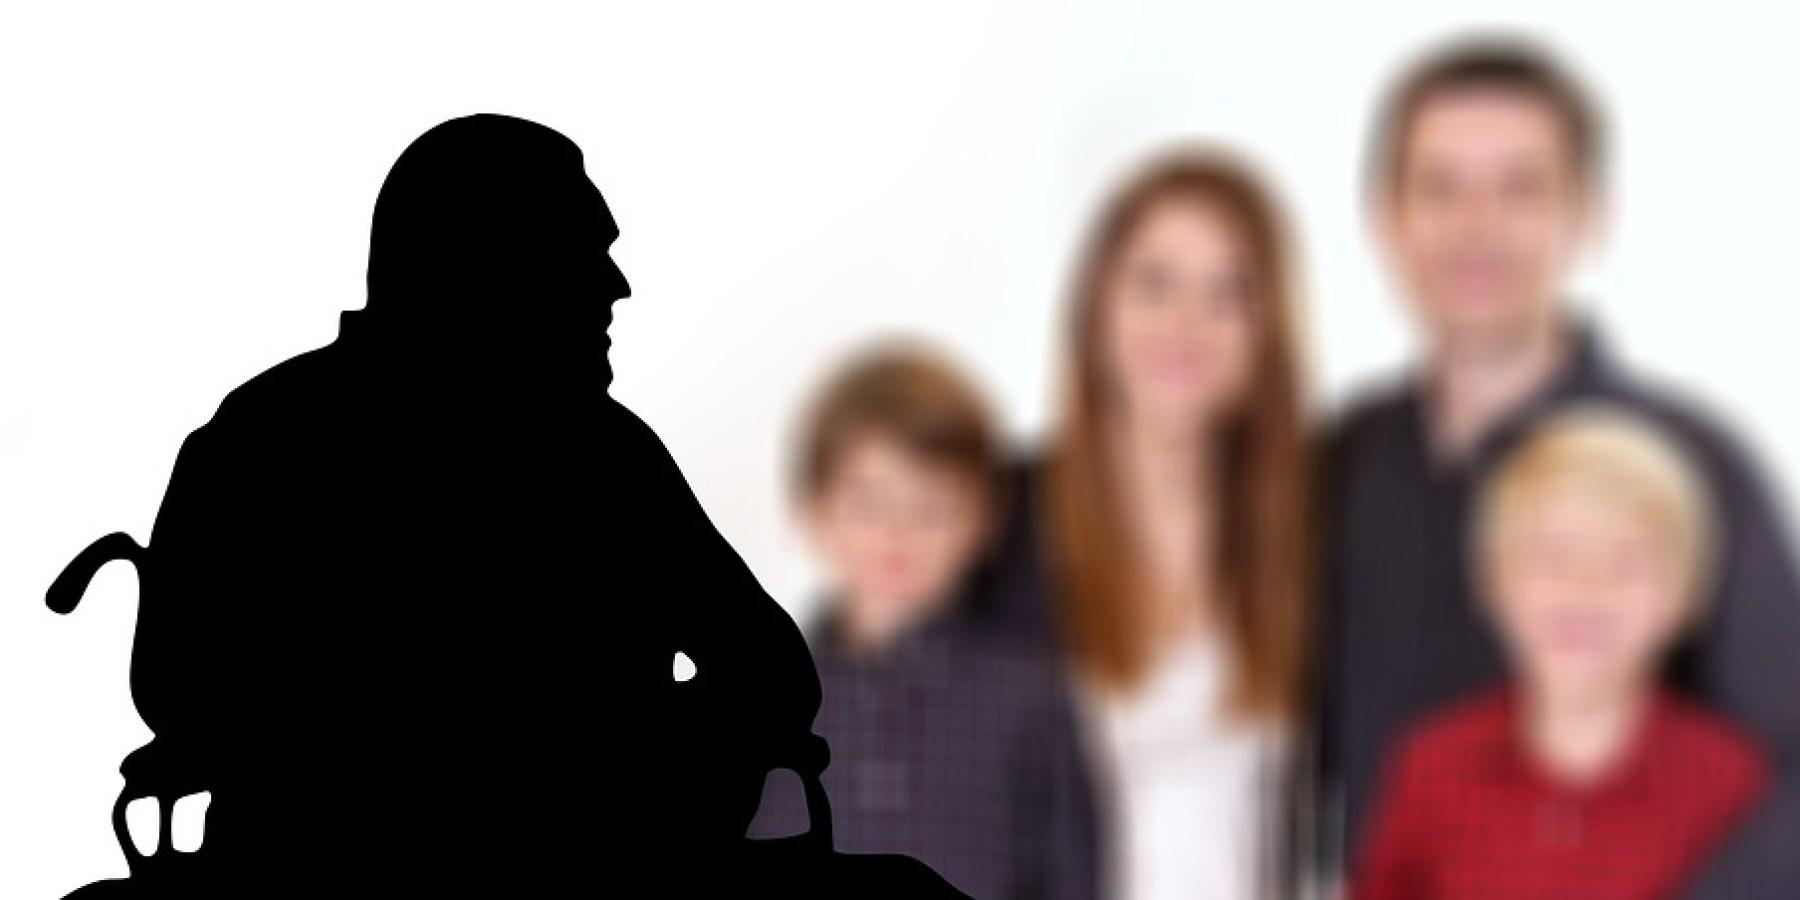 Demenz: So können Angehörige helfen